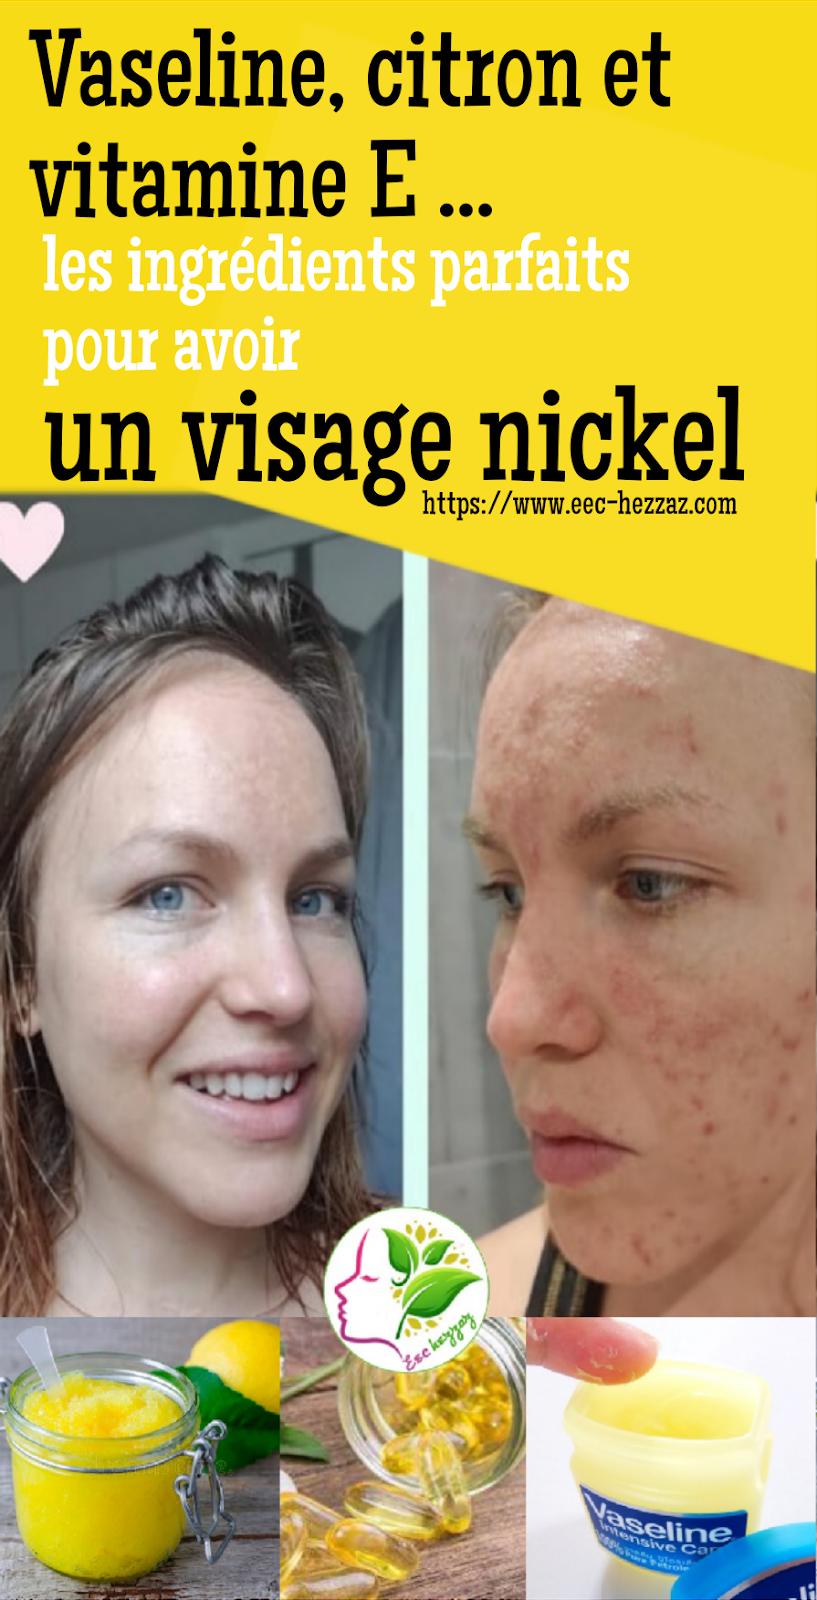 Vaseline, citron et vitamine E ... les ingrédients parfaits pour avoir un visage nickel